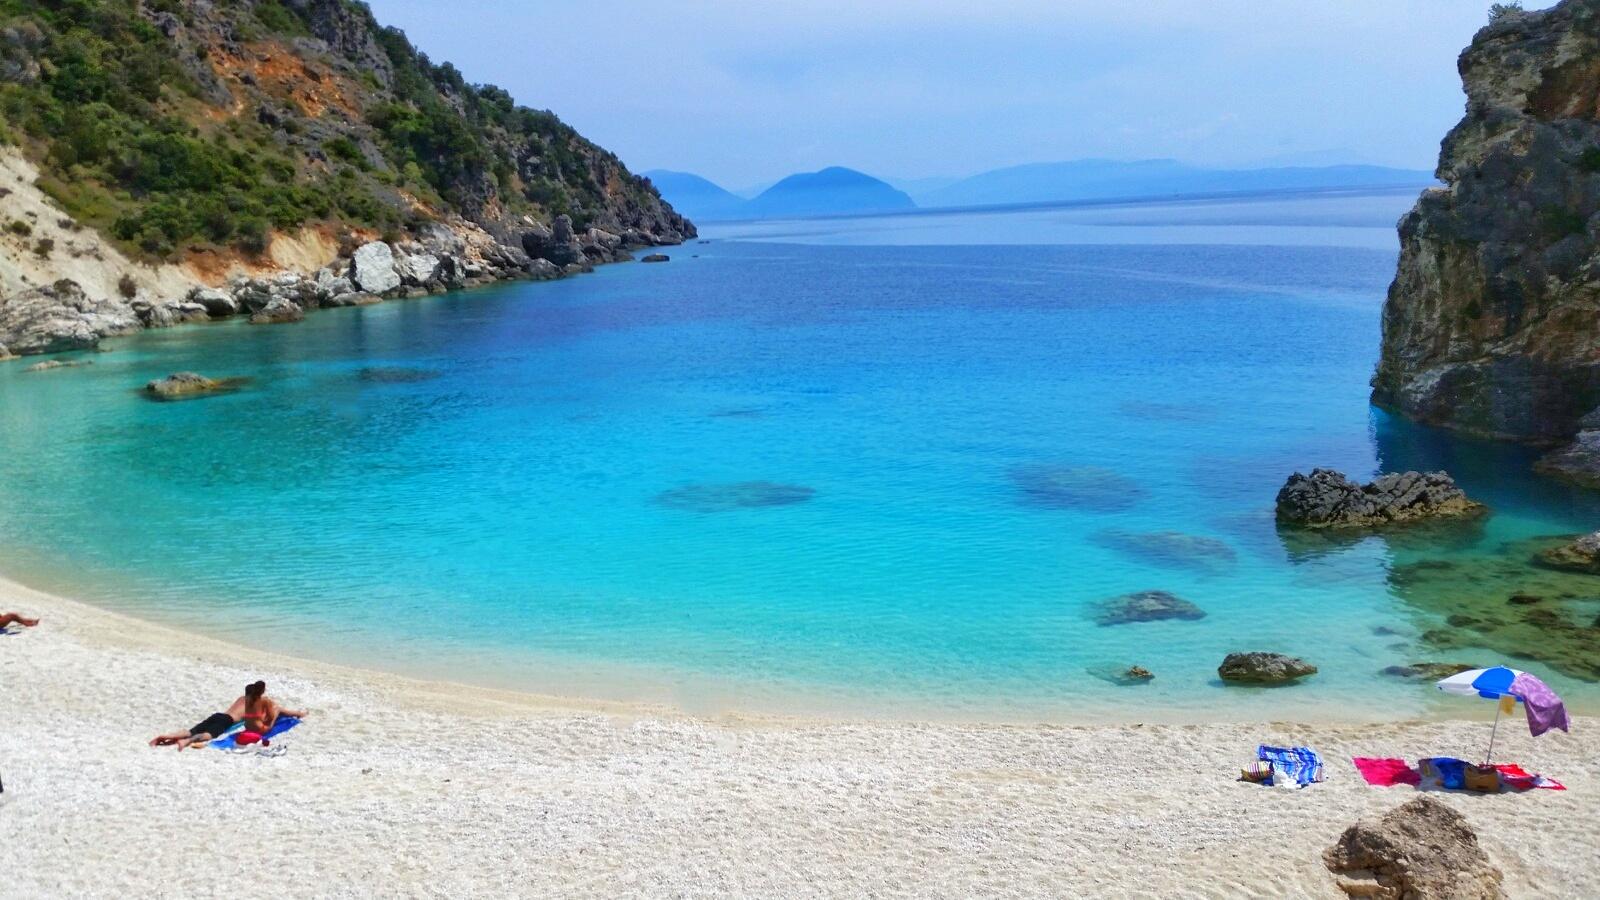 Τασούλα Στούντιος | Tasoula Studios – Αγιοφύλλι-Μια μαγευτική παραλία που  αξίζει να επισκεφθείς